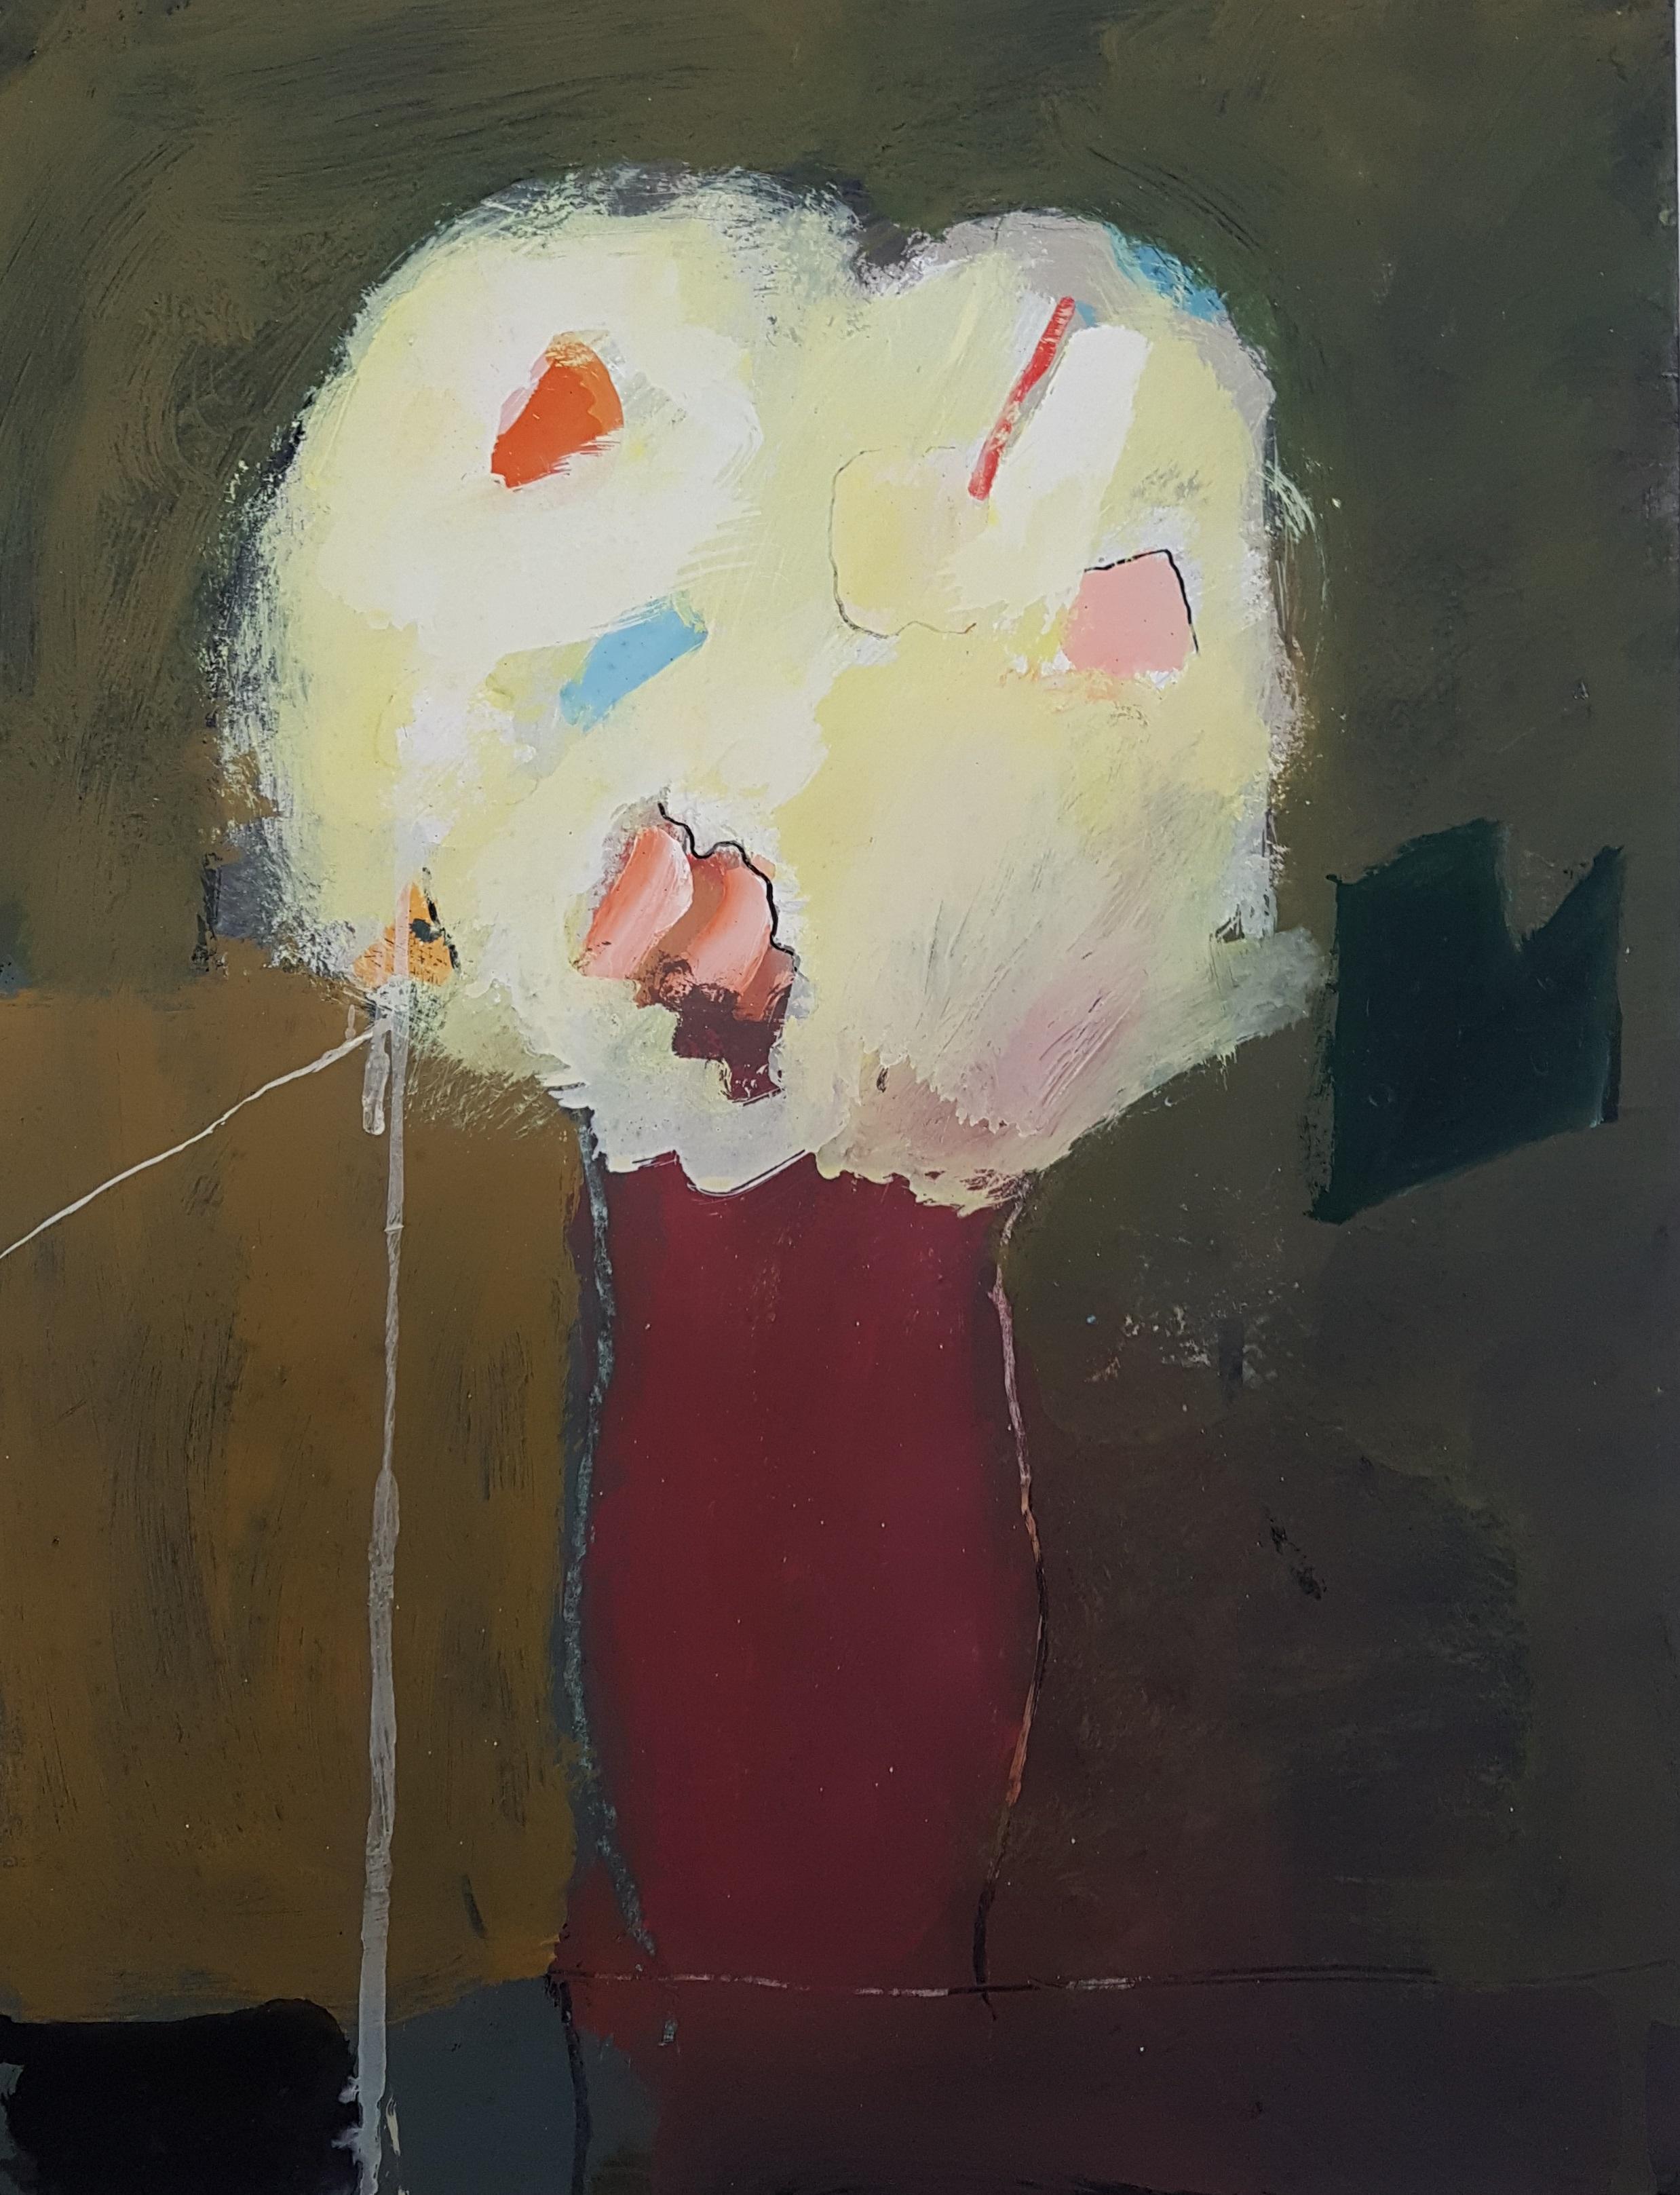 Bloemen in rode vaas (1979)